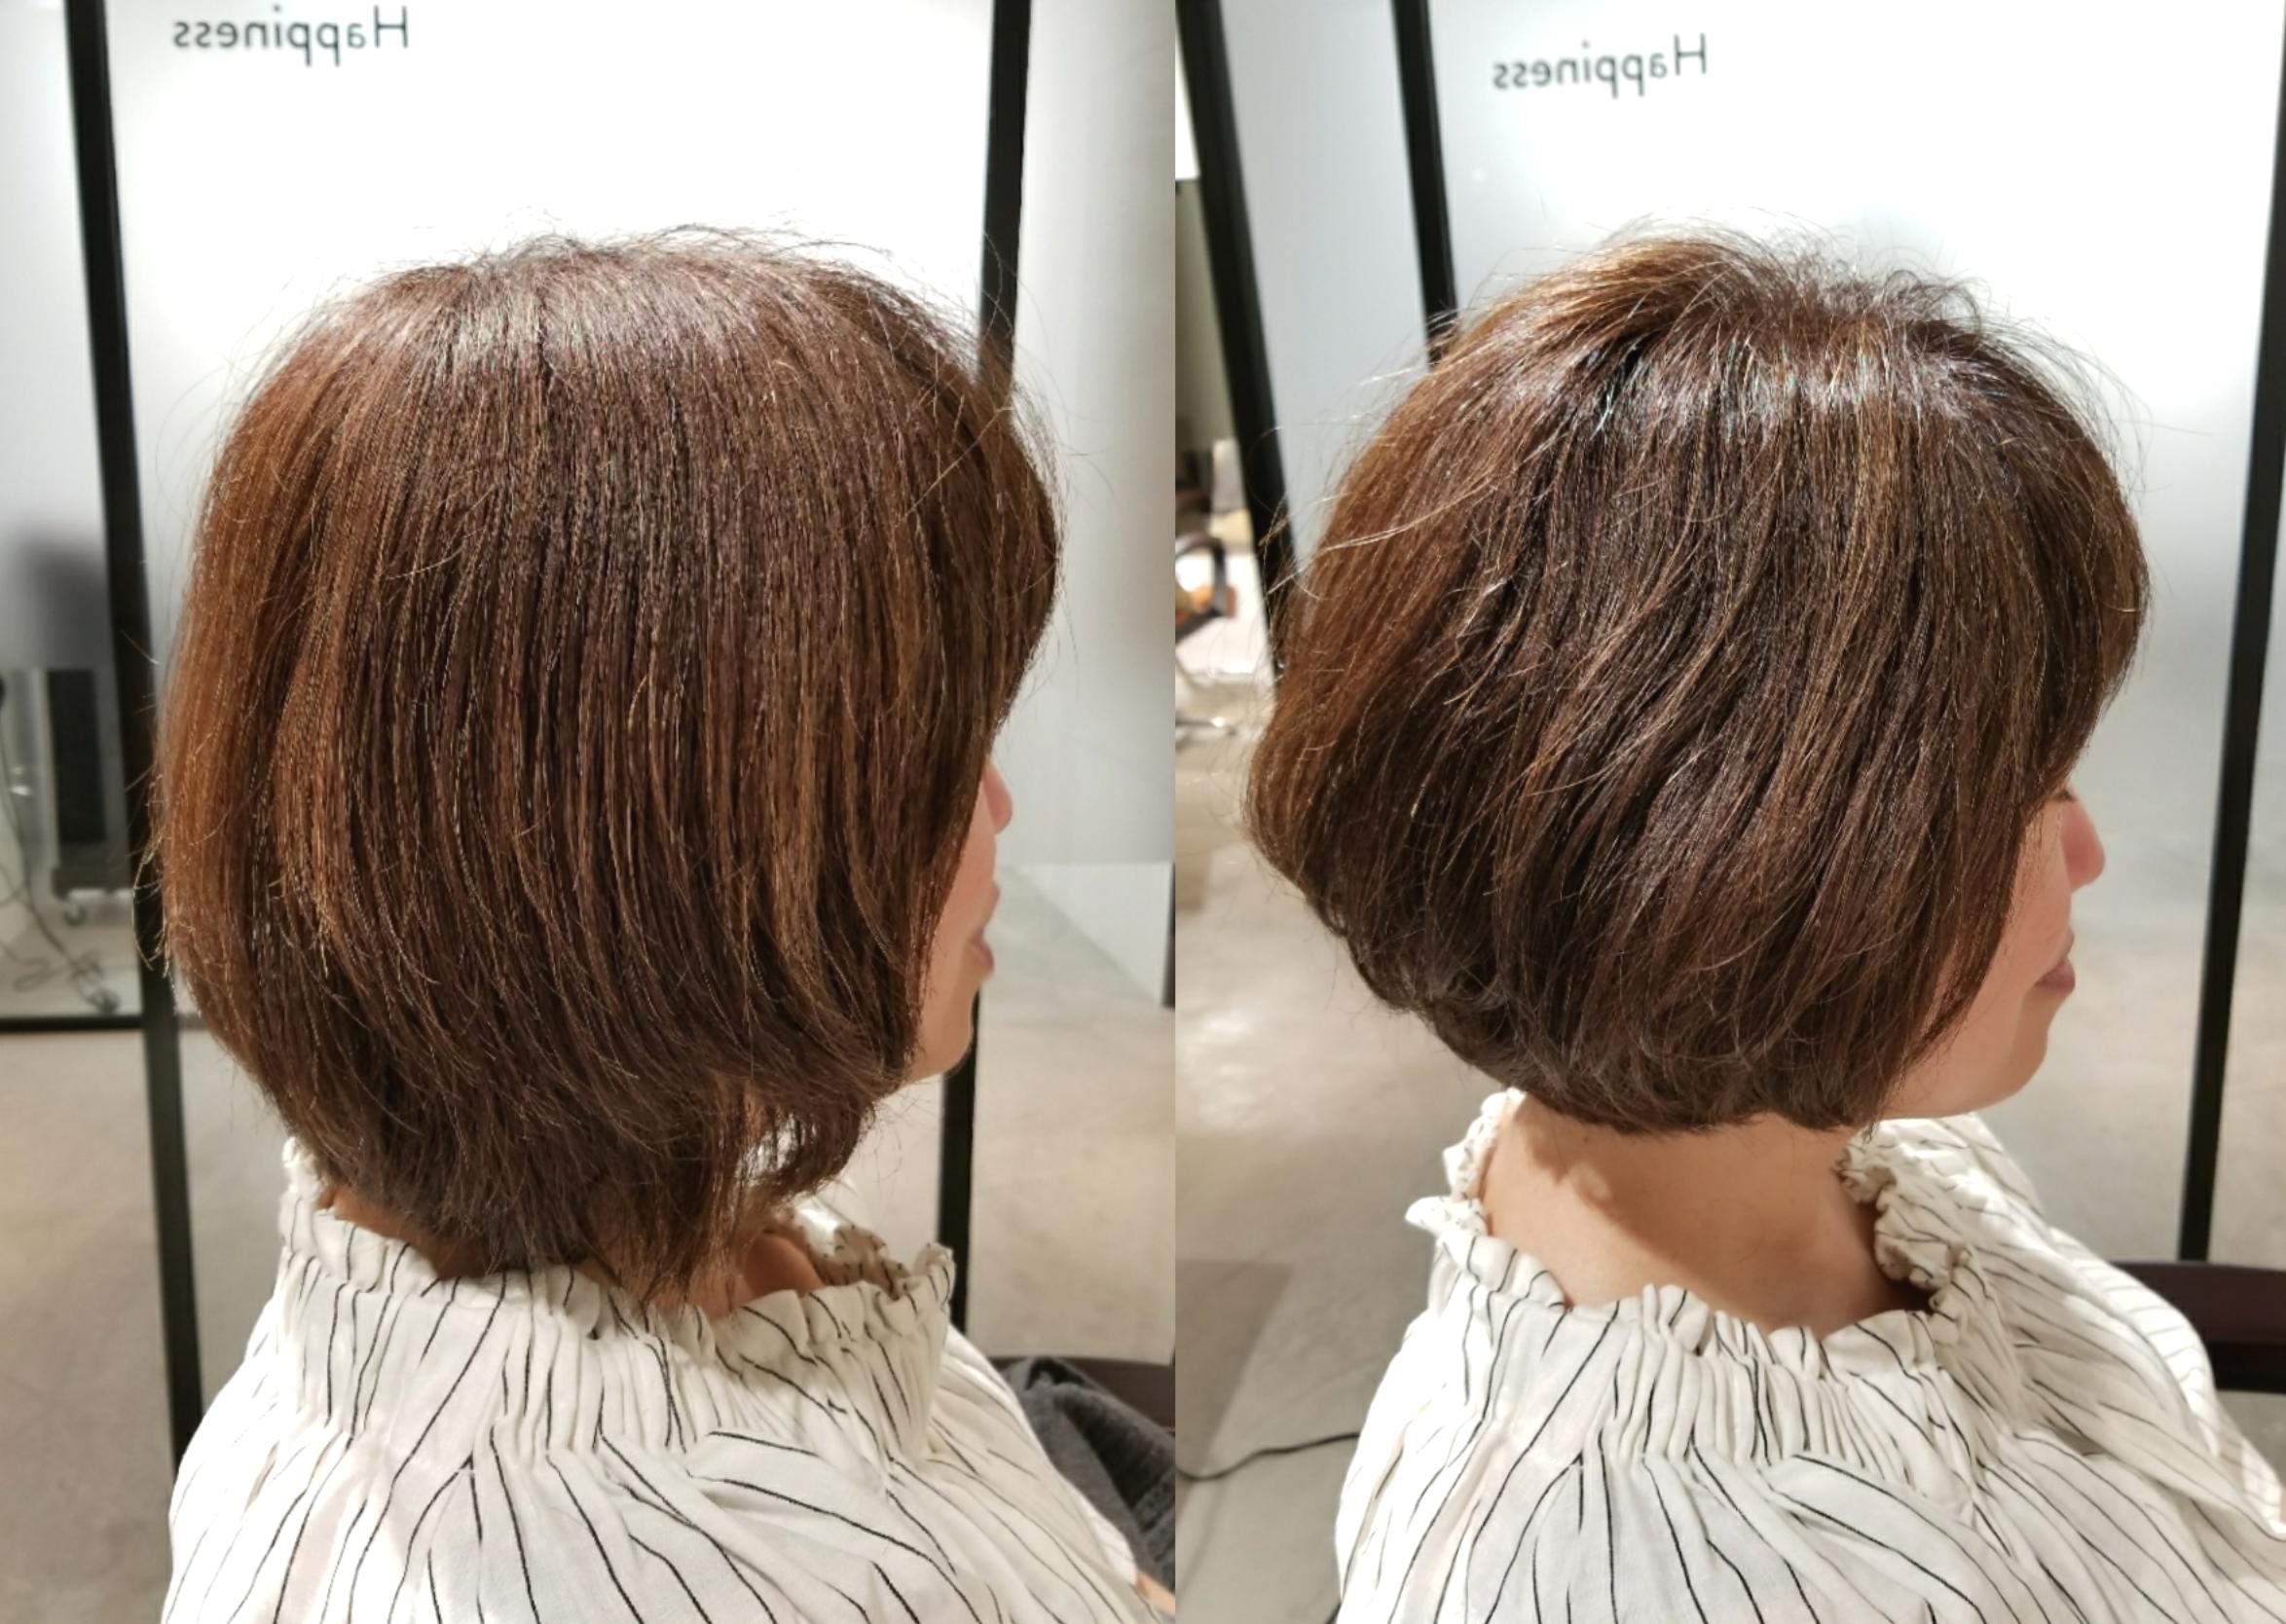 クセで広がりやすい髪質も、長さと重さの調整をして楽ちんに♪